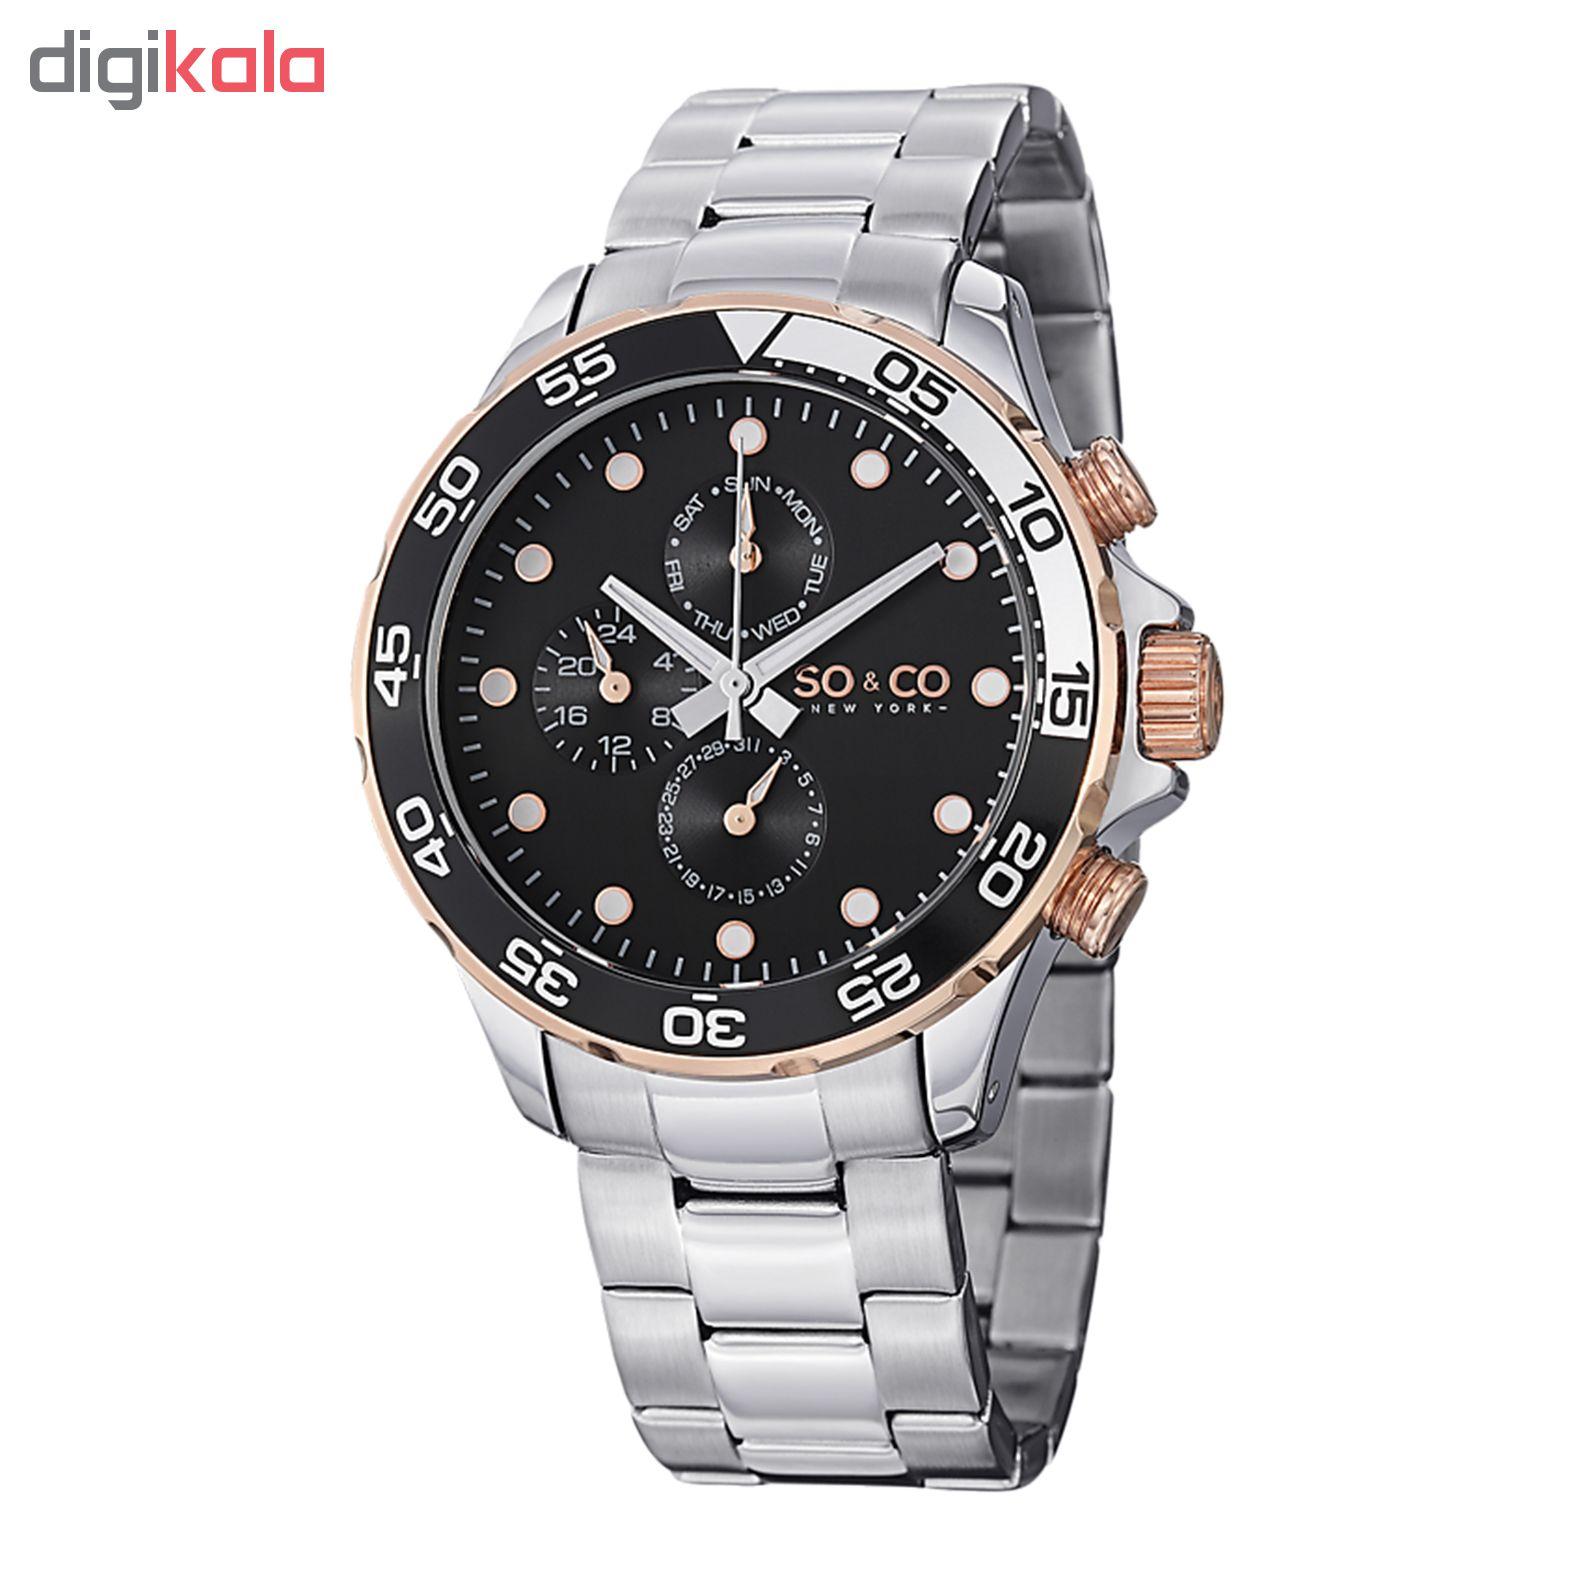 خرید ساعت مچی عقربه ای مردانه سو اند کو مدل 5014.3